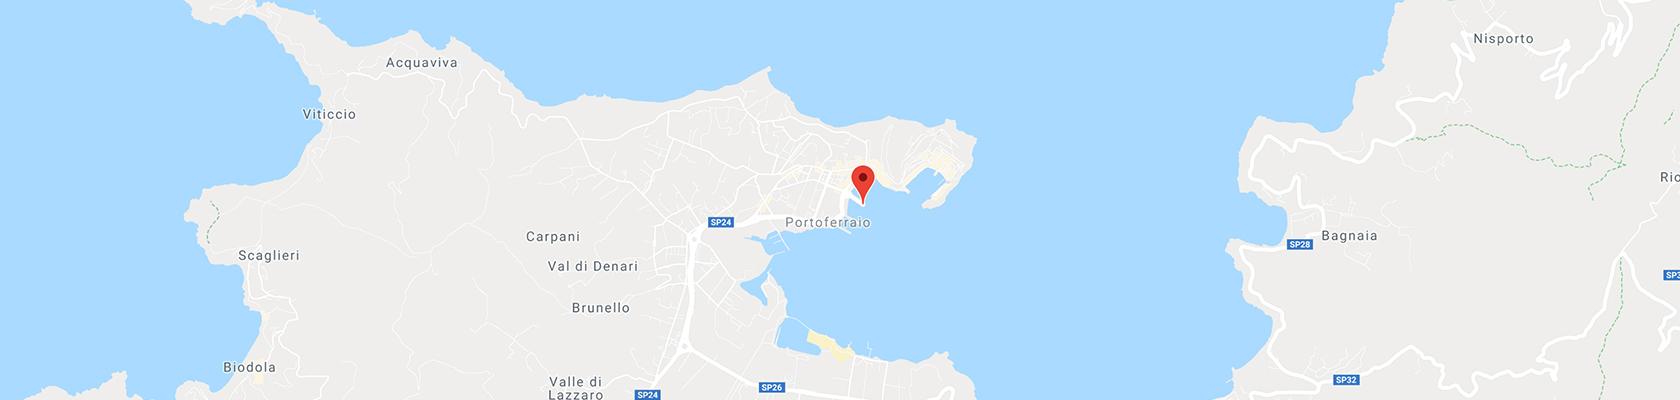 Hafen von Portoferraio: Fähren, Adresse, Kontakte und Parkplätze